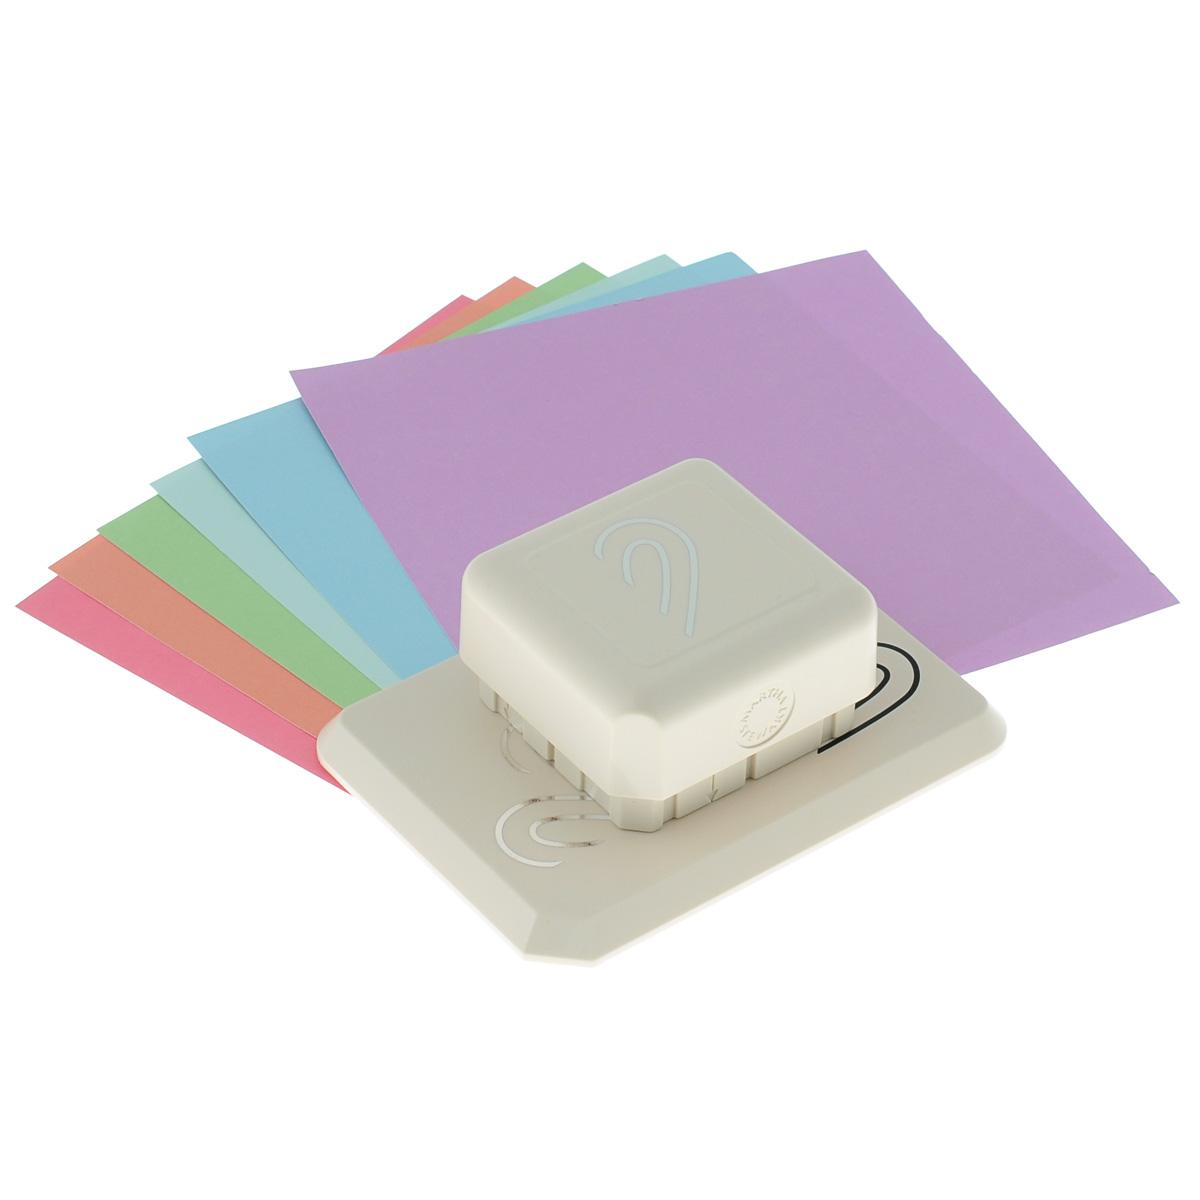 Фигурный дырокол Martha Stewart Сердце для создания объемных украшенийFS-00897Фигурный дырокол Martha Stewart Сердце используется для создания объемных украшений в скрапбукинге для оформления подарков, при создании открыток, скрап-страниц, украшении фотоальбомов. Фигурный дырокол имеет базу на магнитной основе - можно создать рисунок в любом месте бумаги. Инструмент состоит из основы и фигурного дырокола. На ходовой части дырокола с торцов нанесены направляющие стрелки. В комплекте также имеются 6 листов разноцветного картона и подробная инструкция на русском языке. Порядок работы: положите лист бумаги на основу, присоедините дырокол к основе до притяжения магнитов, сделайте вырубку, сдвиньте лист до совпадения вырубки с рисунком на основе, сделайте следующую вырубку. После вырубки всего дизайна отогните вырубленные части и загните их под края предыдущих секций. Виды вырубки: круг 9 см, круг 15 см, вырубка по прямой. Сделайте подложку для листа с вырубкой для наибольшего эффекта. Размер инструмента: 12,5 см х 9 см х 5 см.